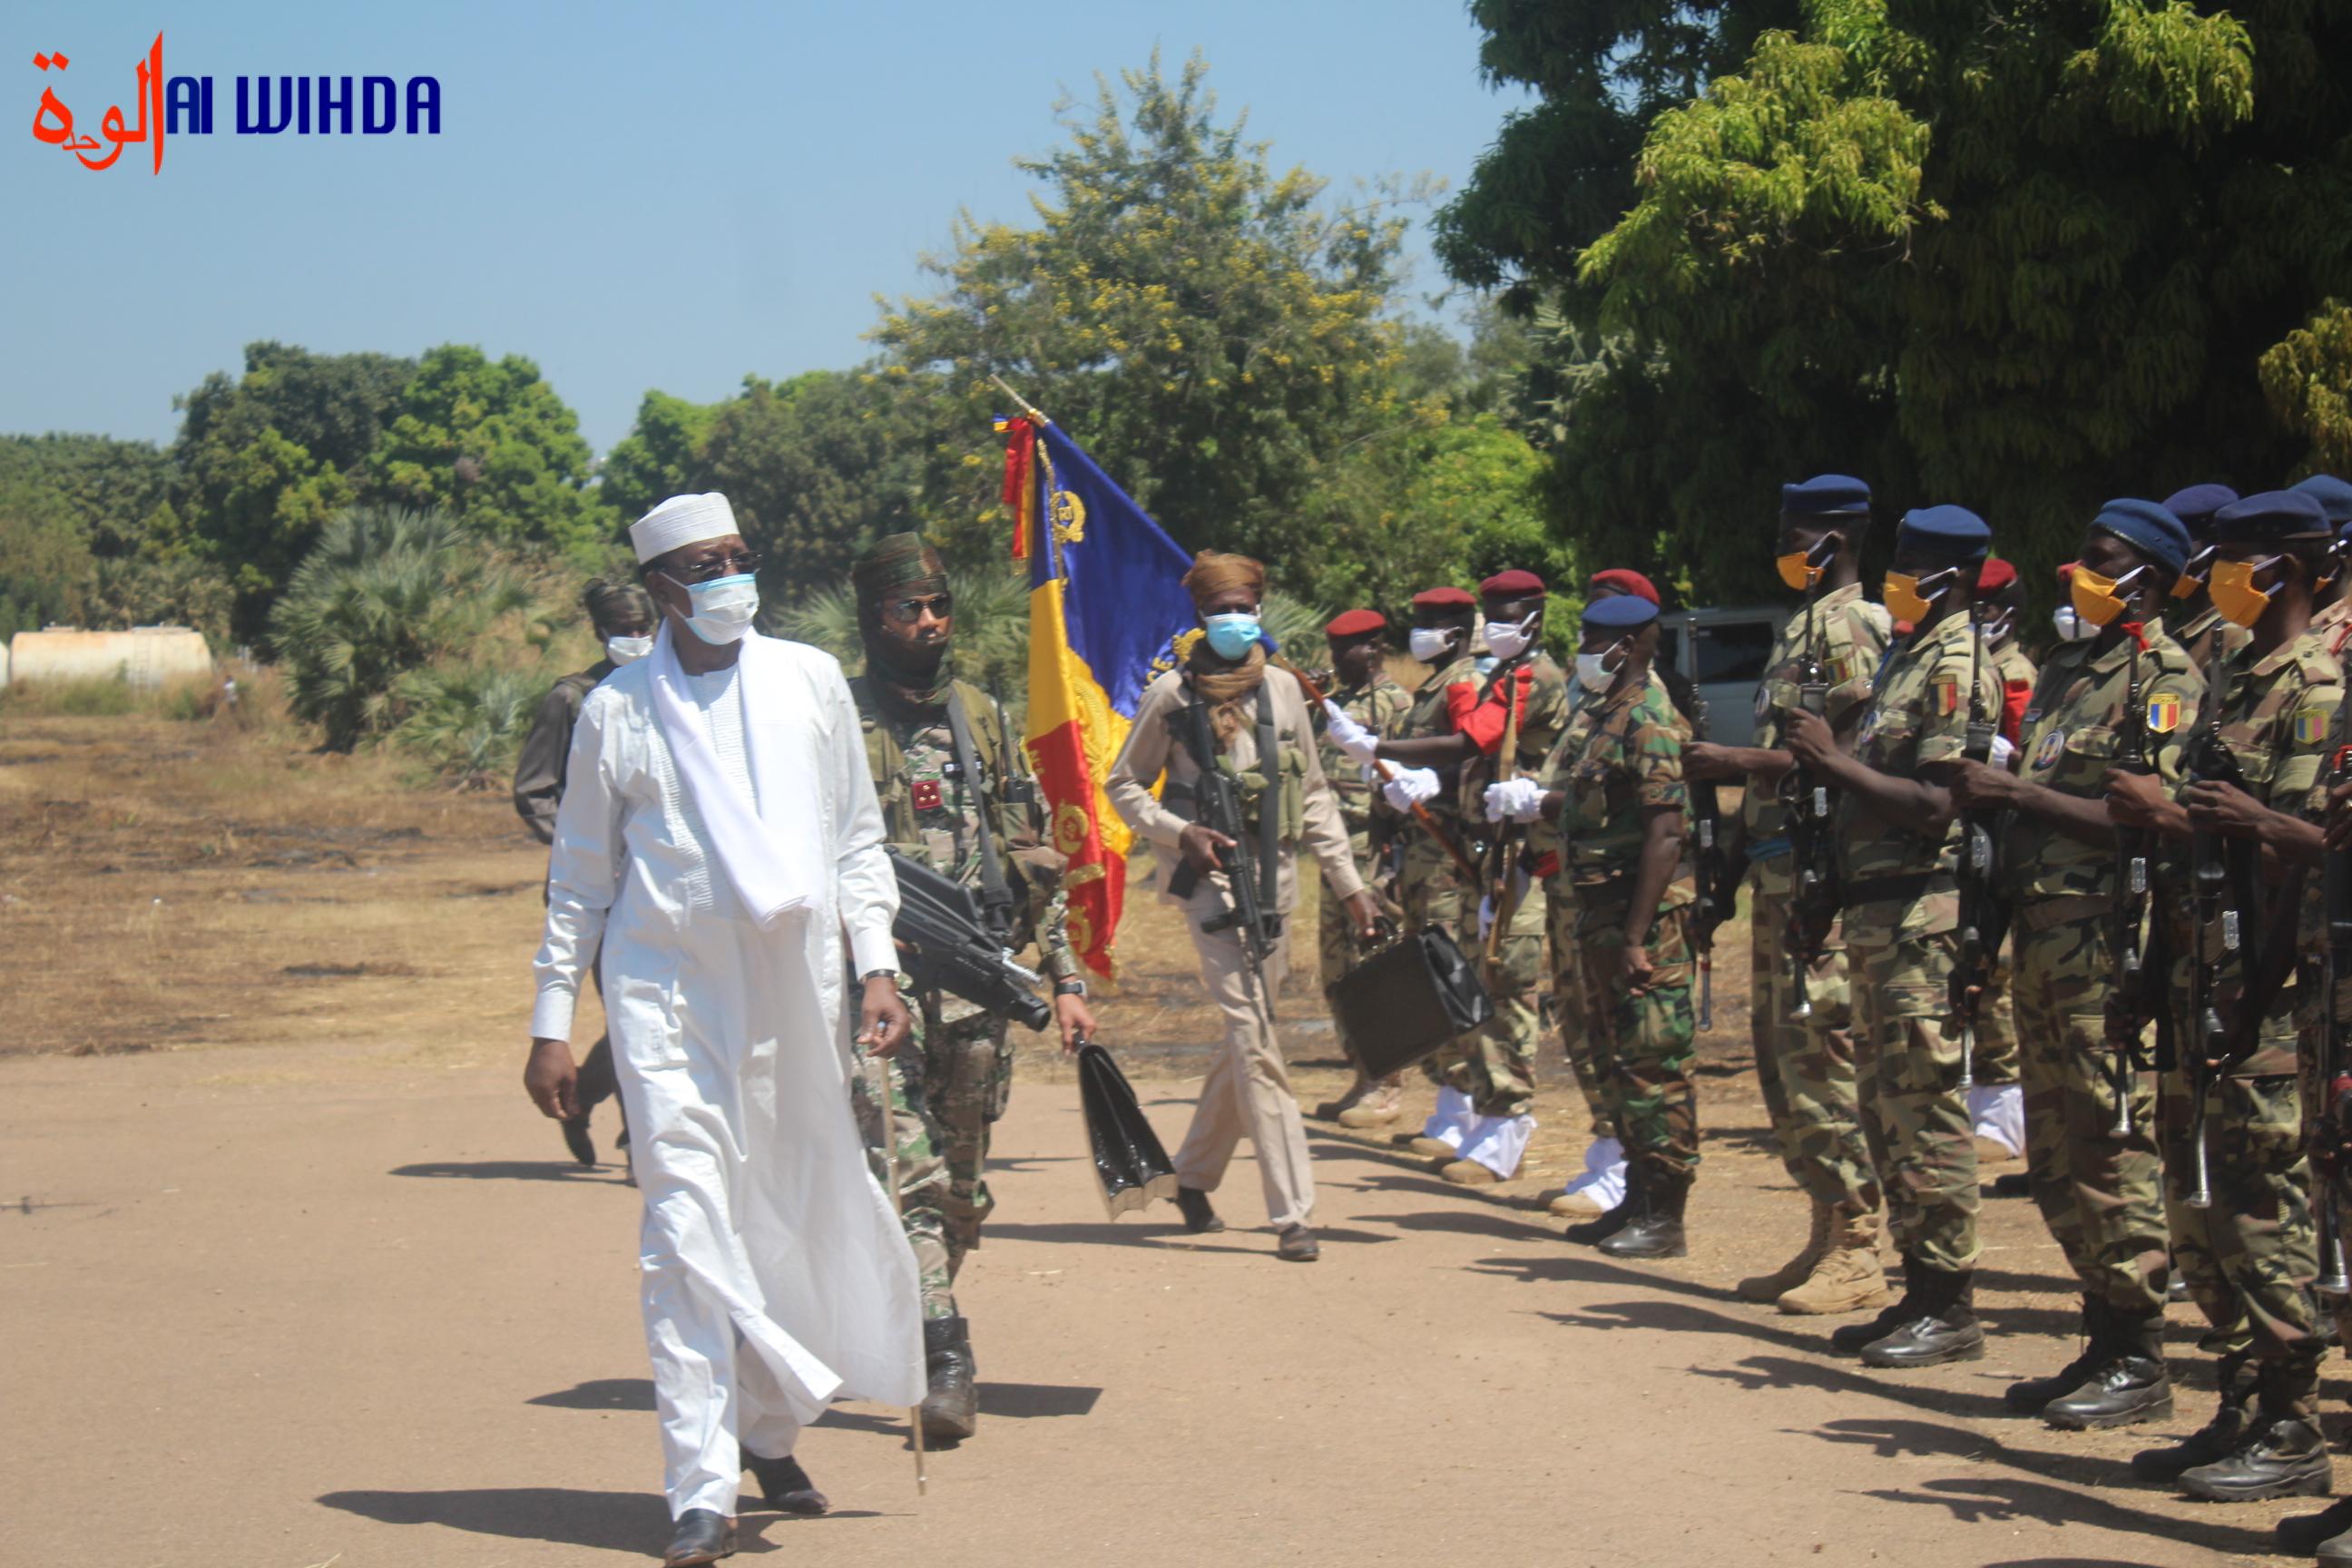 Tchad : le chef de l'État attendu à l'Est la semaine prochaine